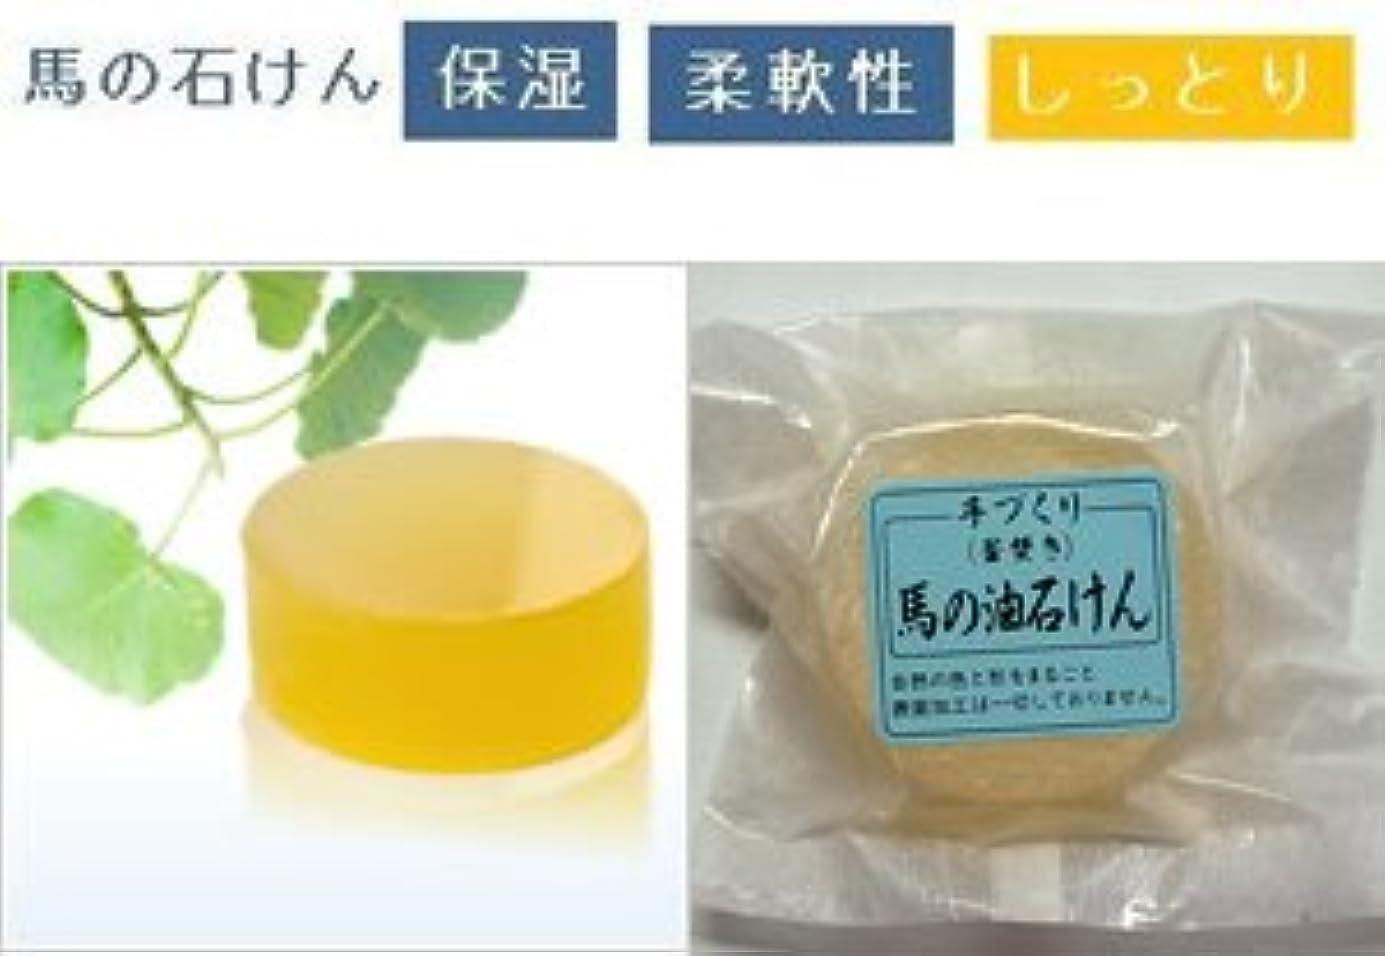 分析ユーモラス品種馬油石鹸 池田さんの無添加*釜焚き馬油石鹸80g(リーファショップ)